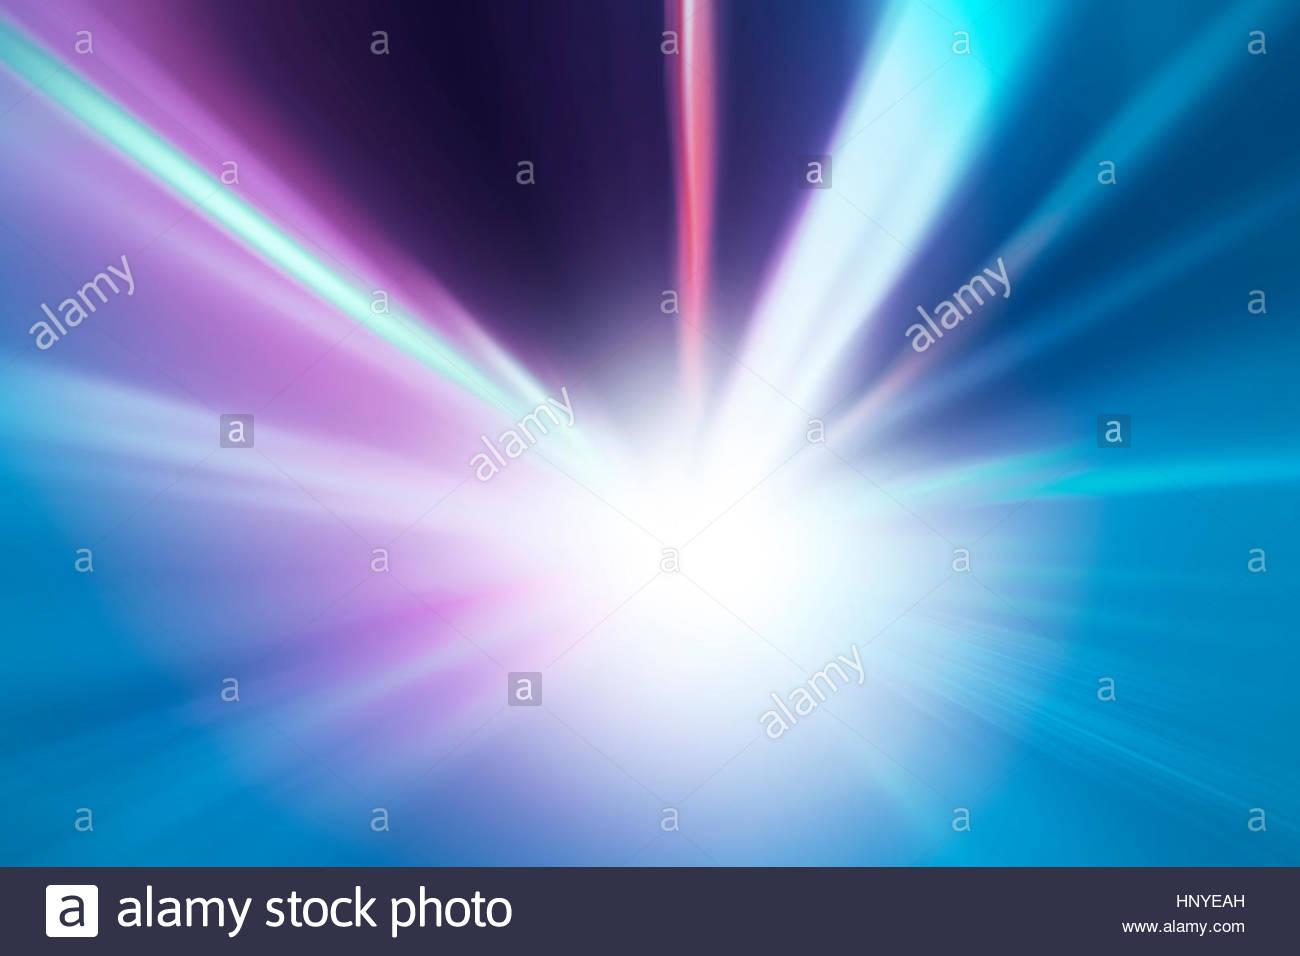 Tunnel astratto colori brillanti luci velocità di accelerazione motion blur. Motion Blur visualizies la velocità Immagini Stock